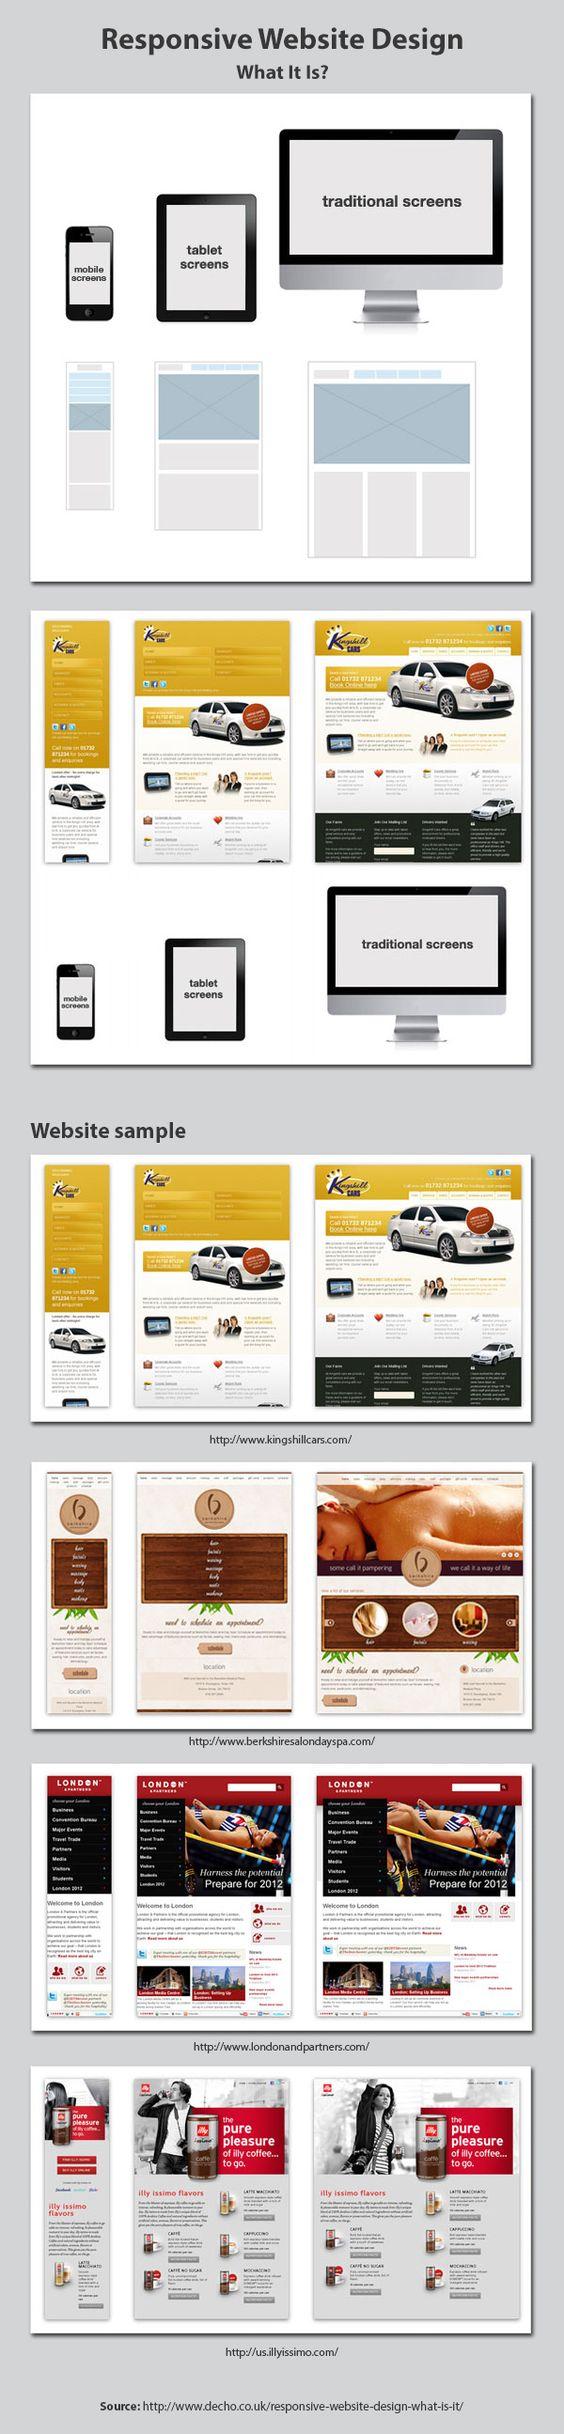 #Responsive Website Design via www.decho.co.uk/responsive-website-design-what-is-it/